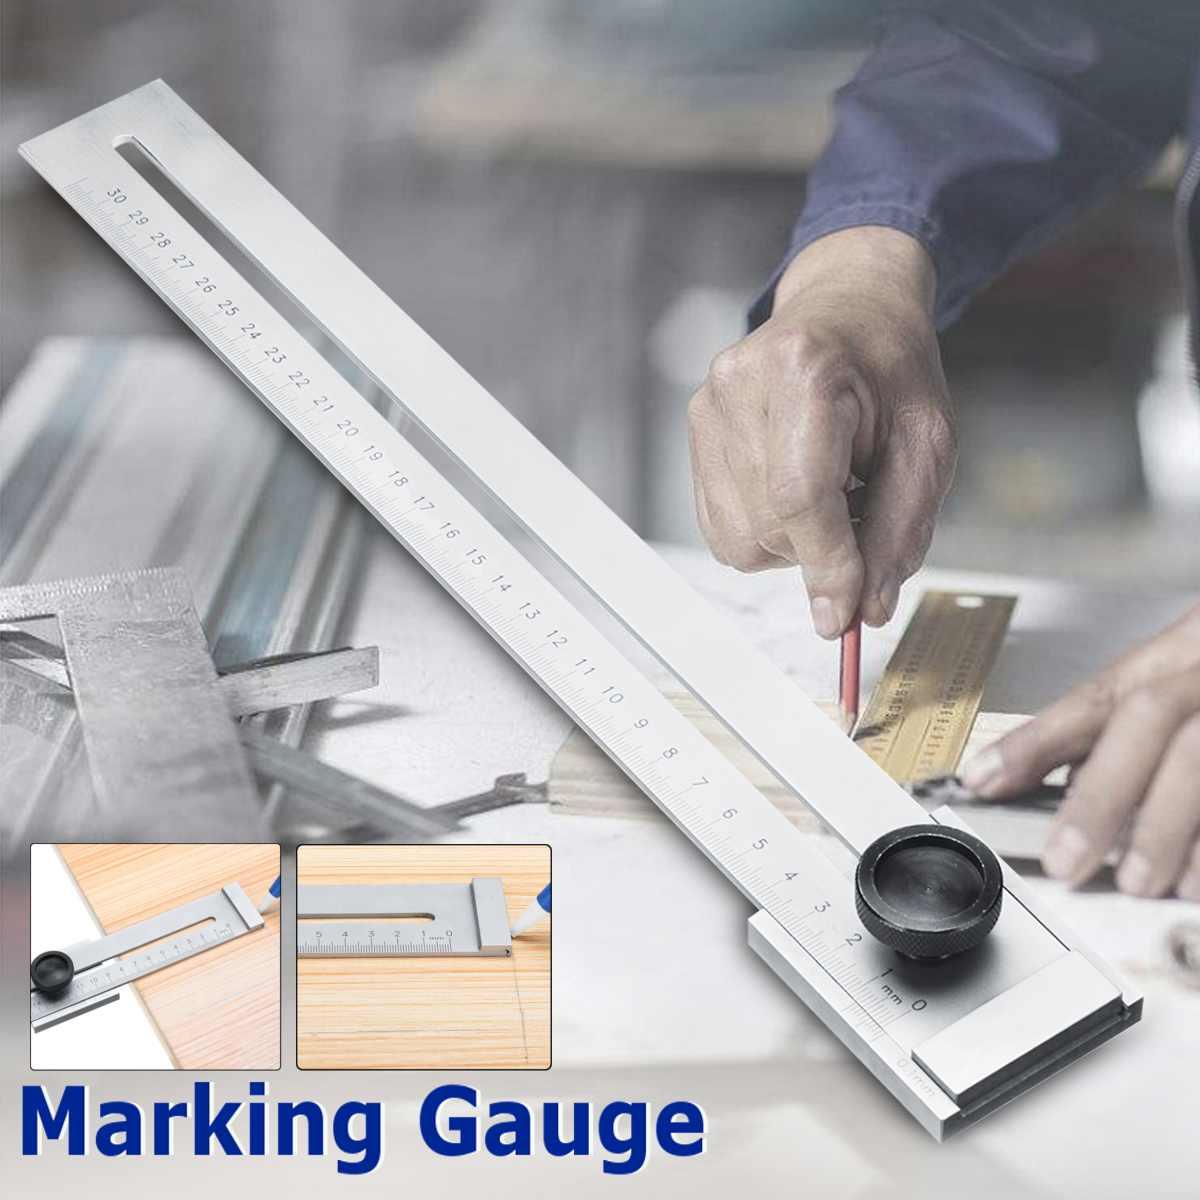 0,1mm Gauging Werkzeuge 0-300mm Schraube Schneiden Kennzeichnung Gauge Mark Schaber Werkzeug Für Holzbearbeitung Mess Carbon Stahl Graduation Hohe QualitäT Und Preiswert